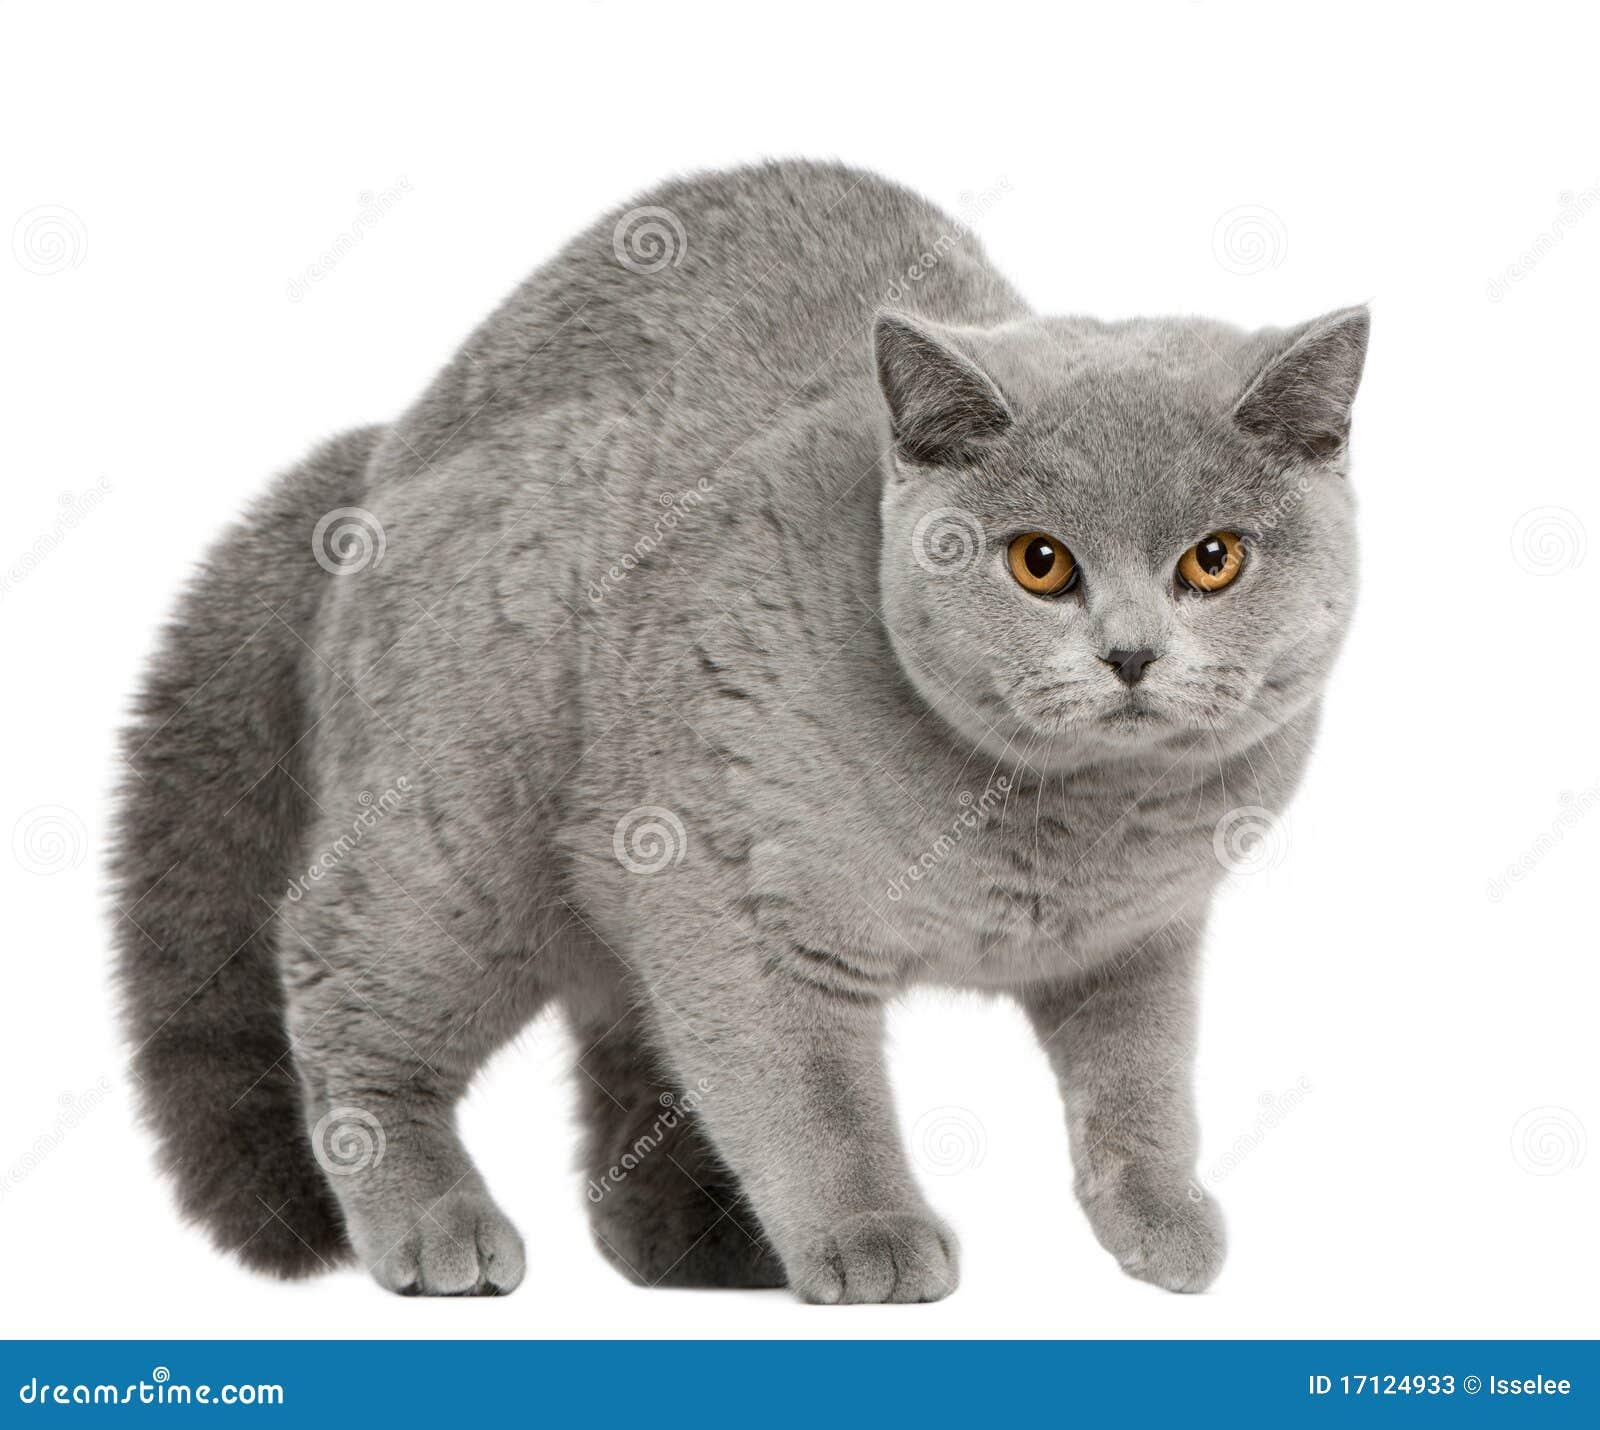 British Shorthair Cat, 8 months old, walking